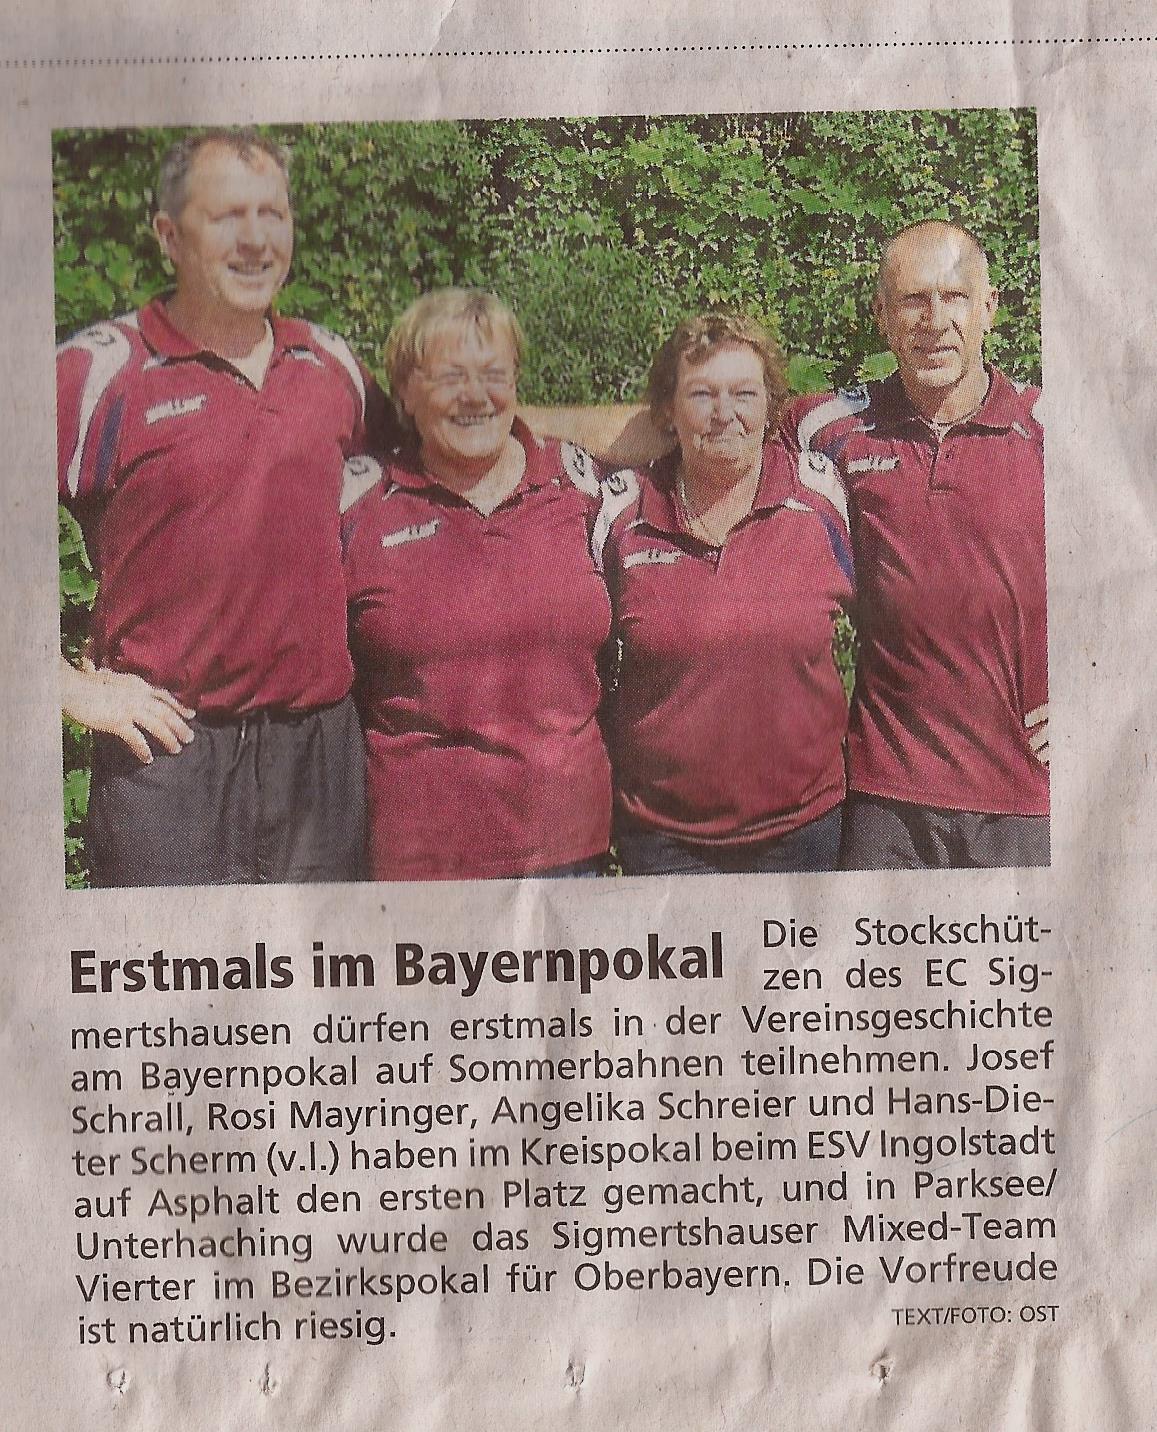 Erstmals-im-Bayernpokal